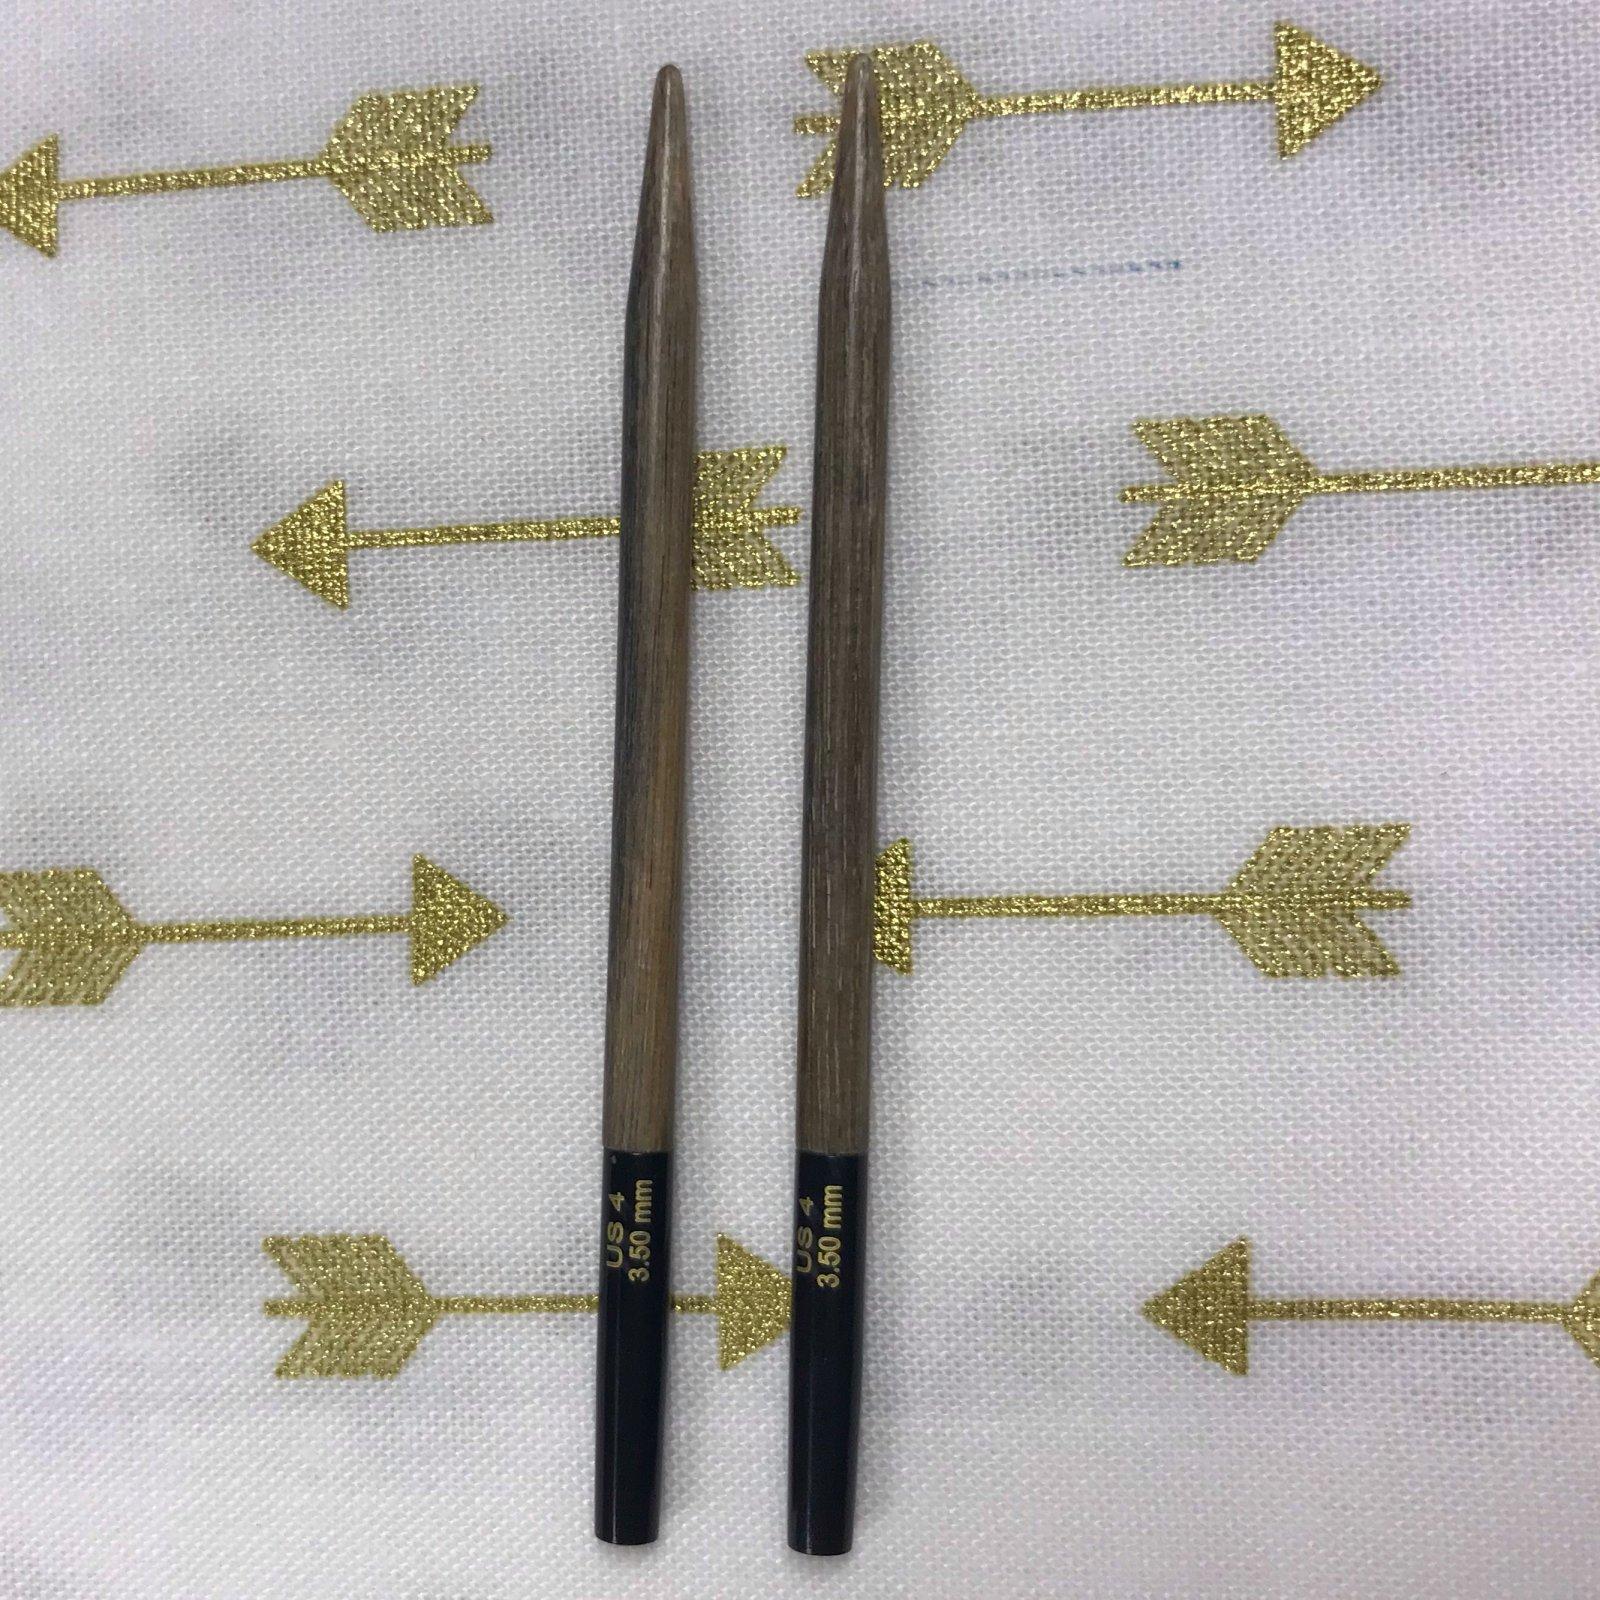 LYKKE 3.5 Interchangeable Individual Needle Tips